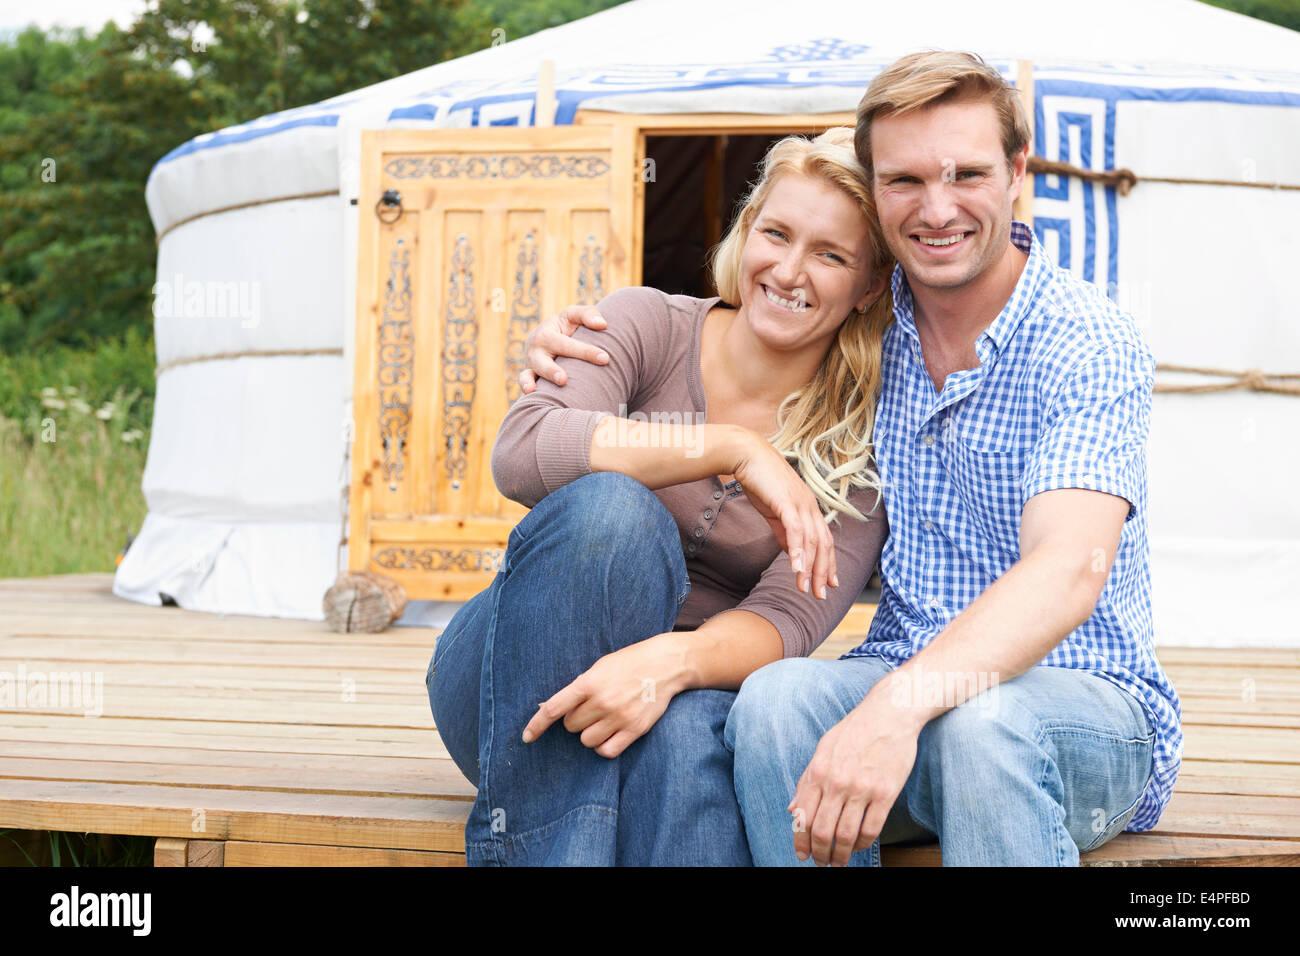 Pareja disfrutando de las vacaciones en camping yurta tradicional Imagen De Stock